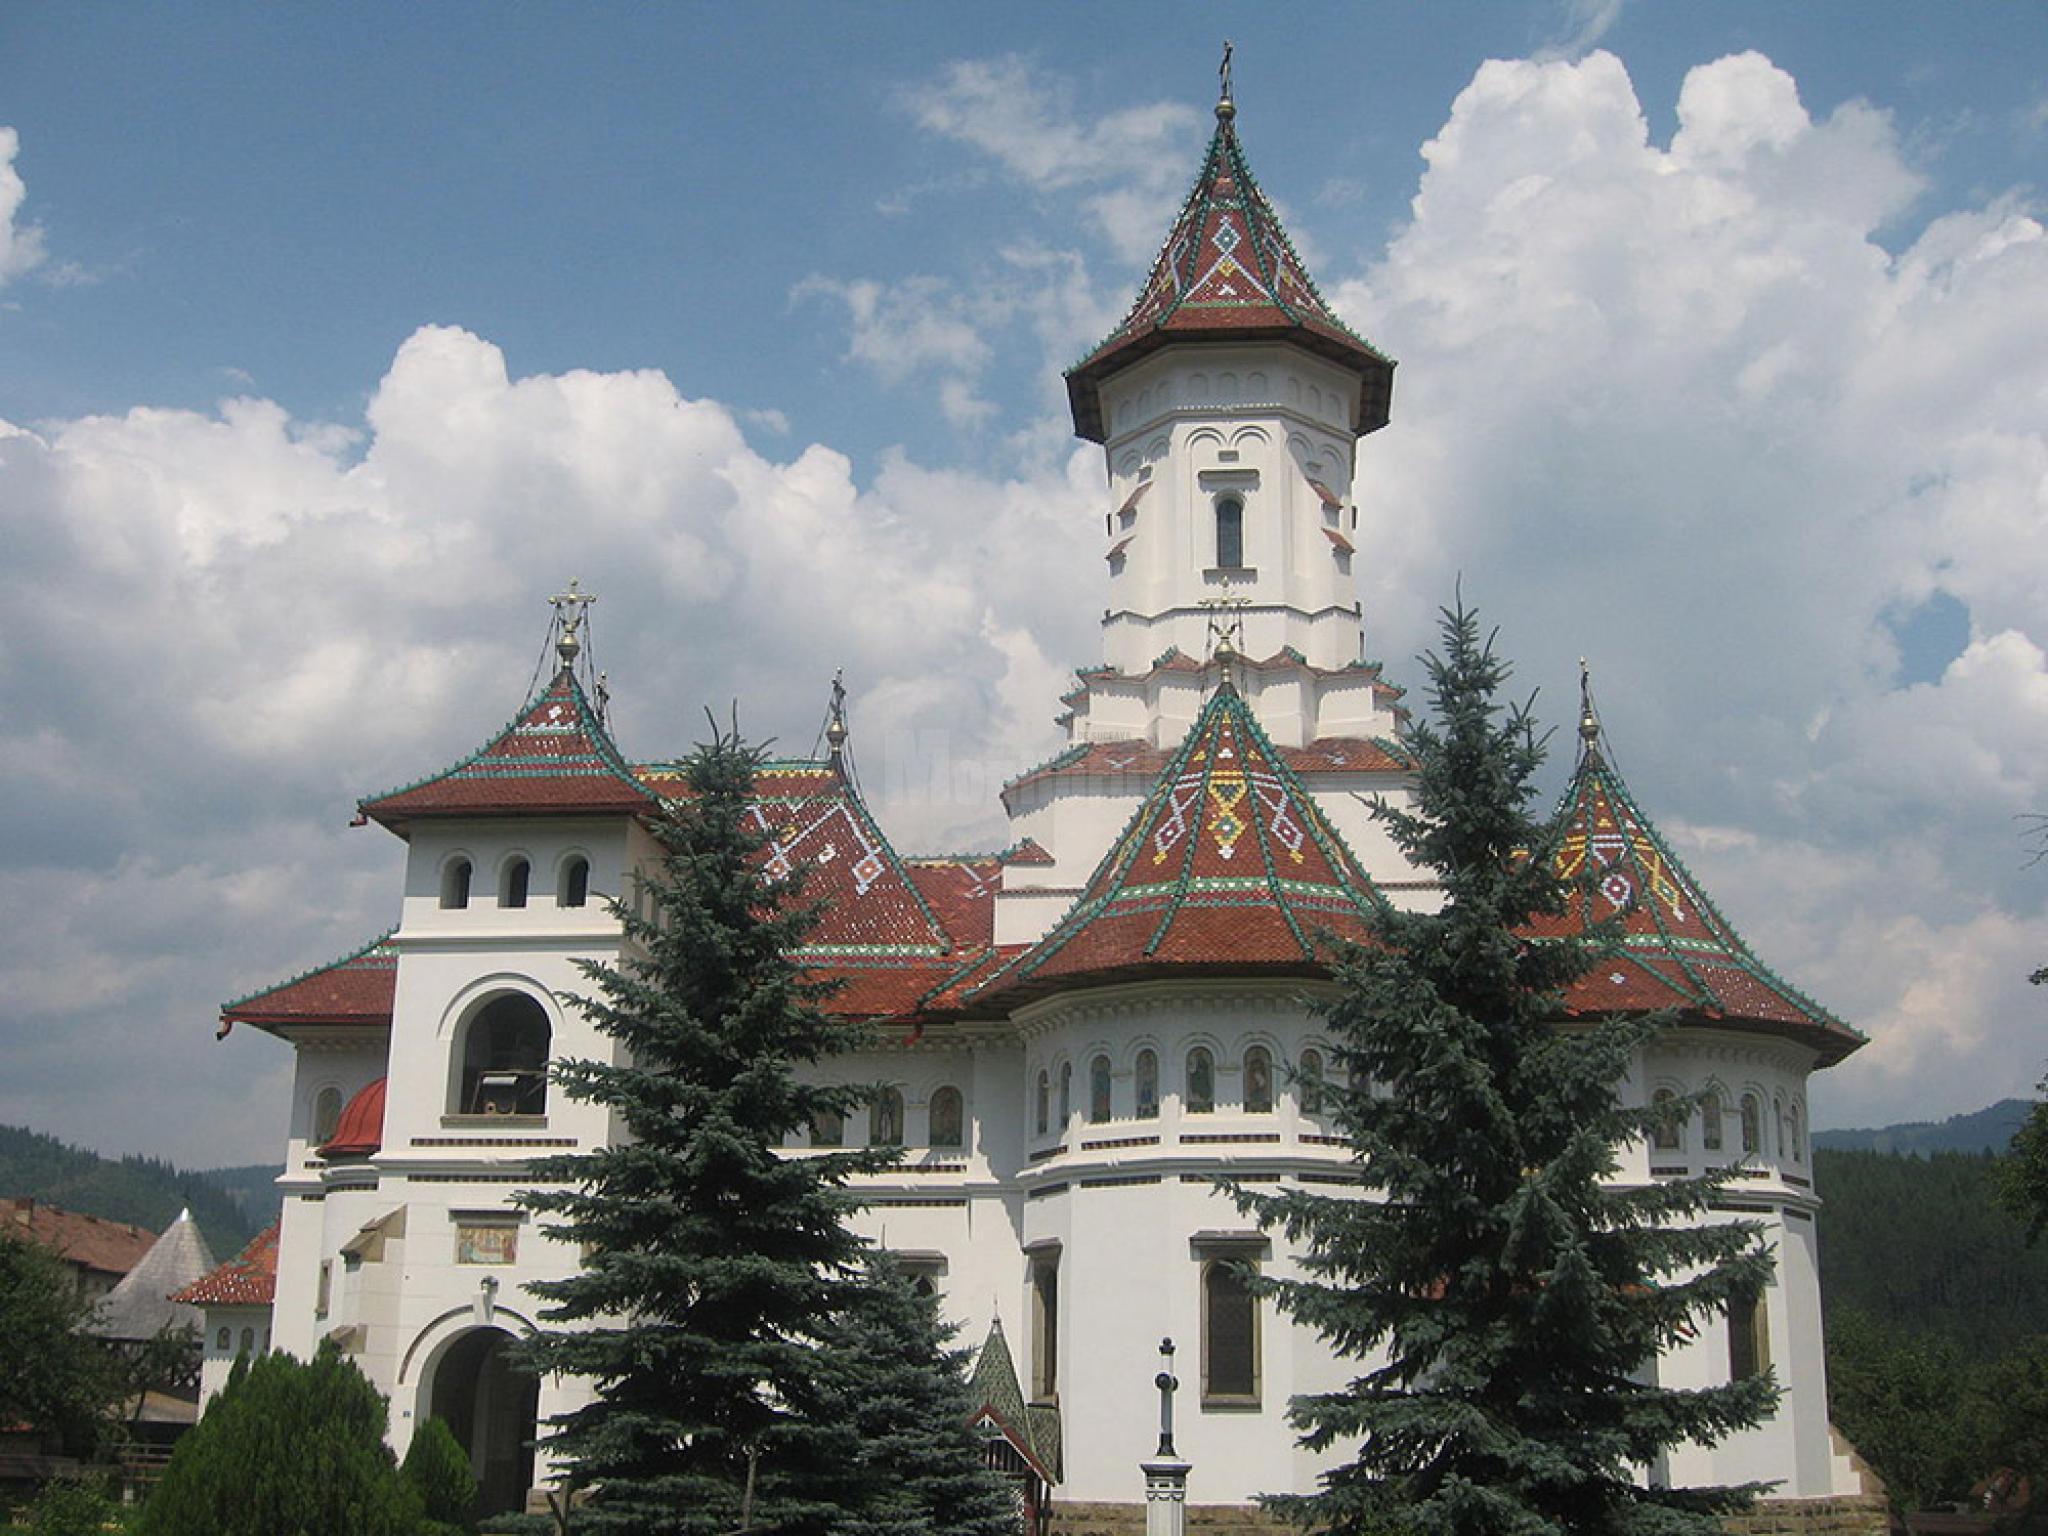 Caut baiat tanar câmpulung moldovenesc. Femeie Singura Caut Barbat Zlatna - Galerie Femei cu poze